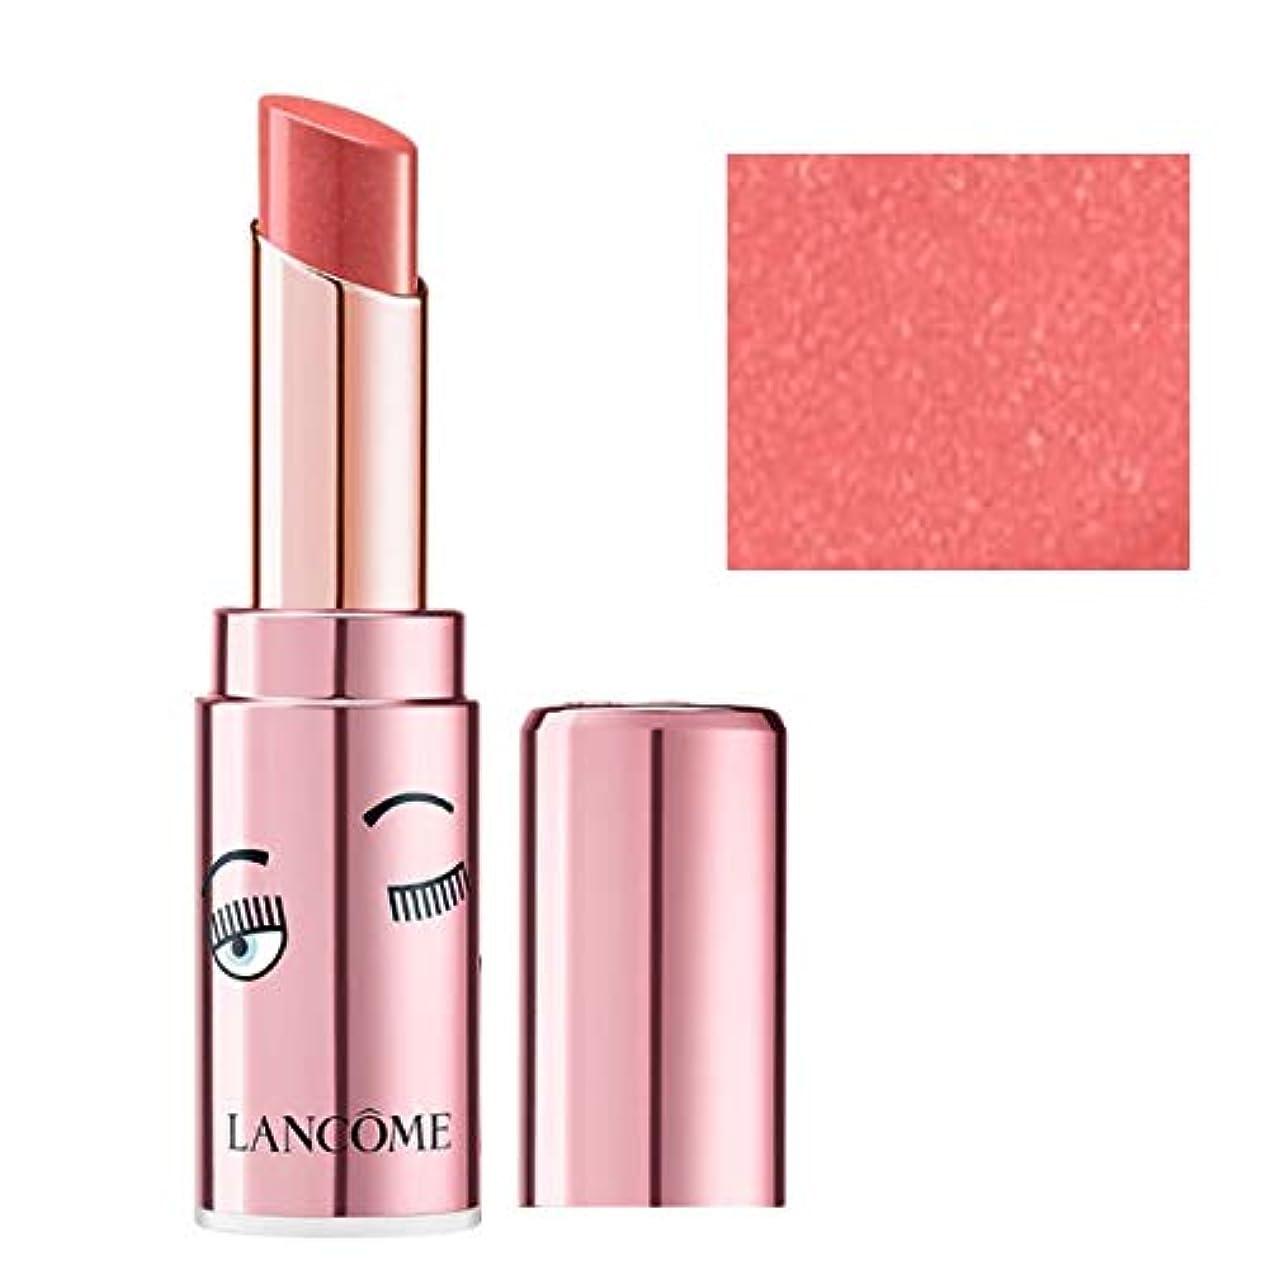 元気な欠席支払うランコム(LANCOME), 限定版 limited-edition, x Chiara Ferragni L'Absolu Mademoiselle Shine Balm Lipstick - Kinda Flirty [海外直送品] [並行輸入品]